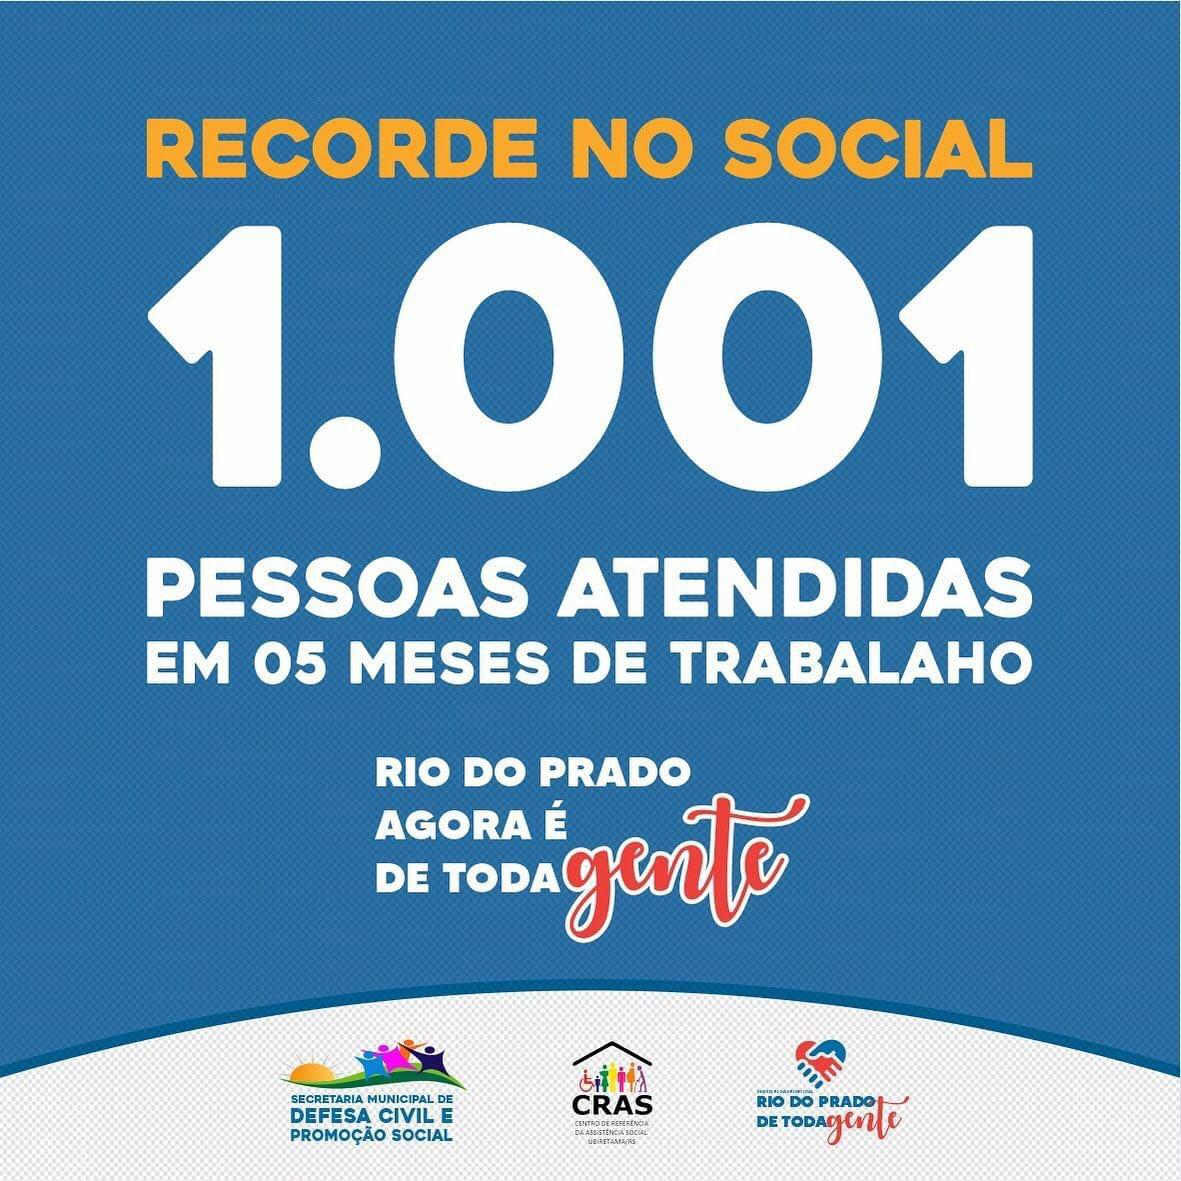 RECORDE NO SOCIAL 1.001 PESSOAS ATENDIDAS EM 05 MESE...